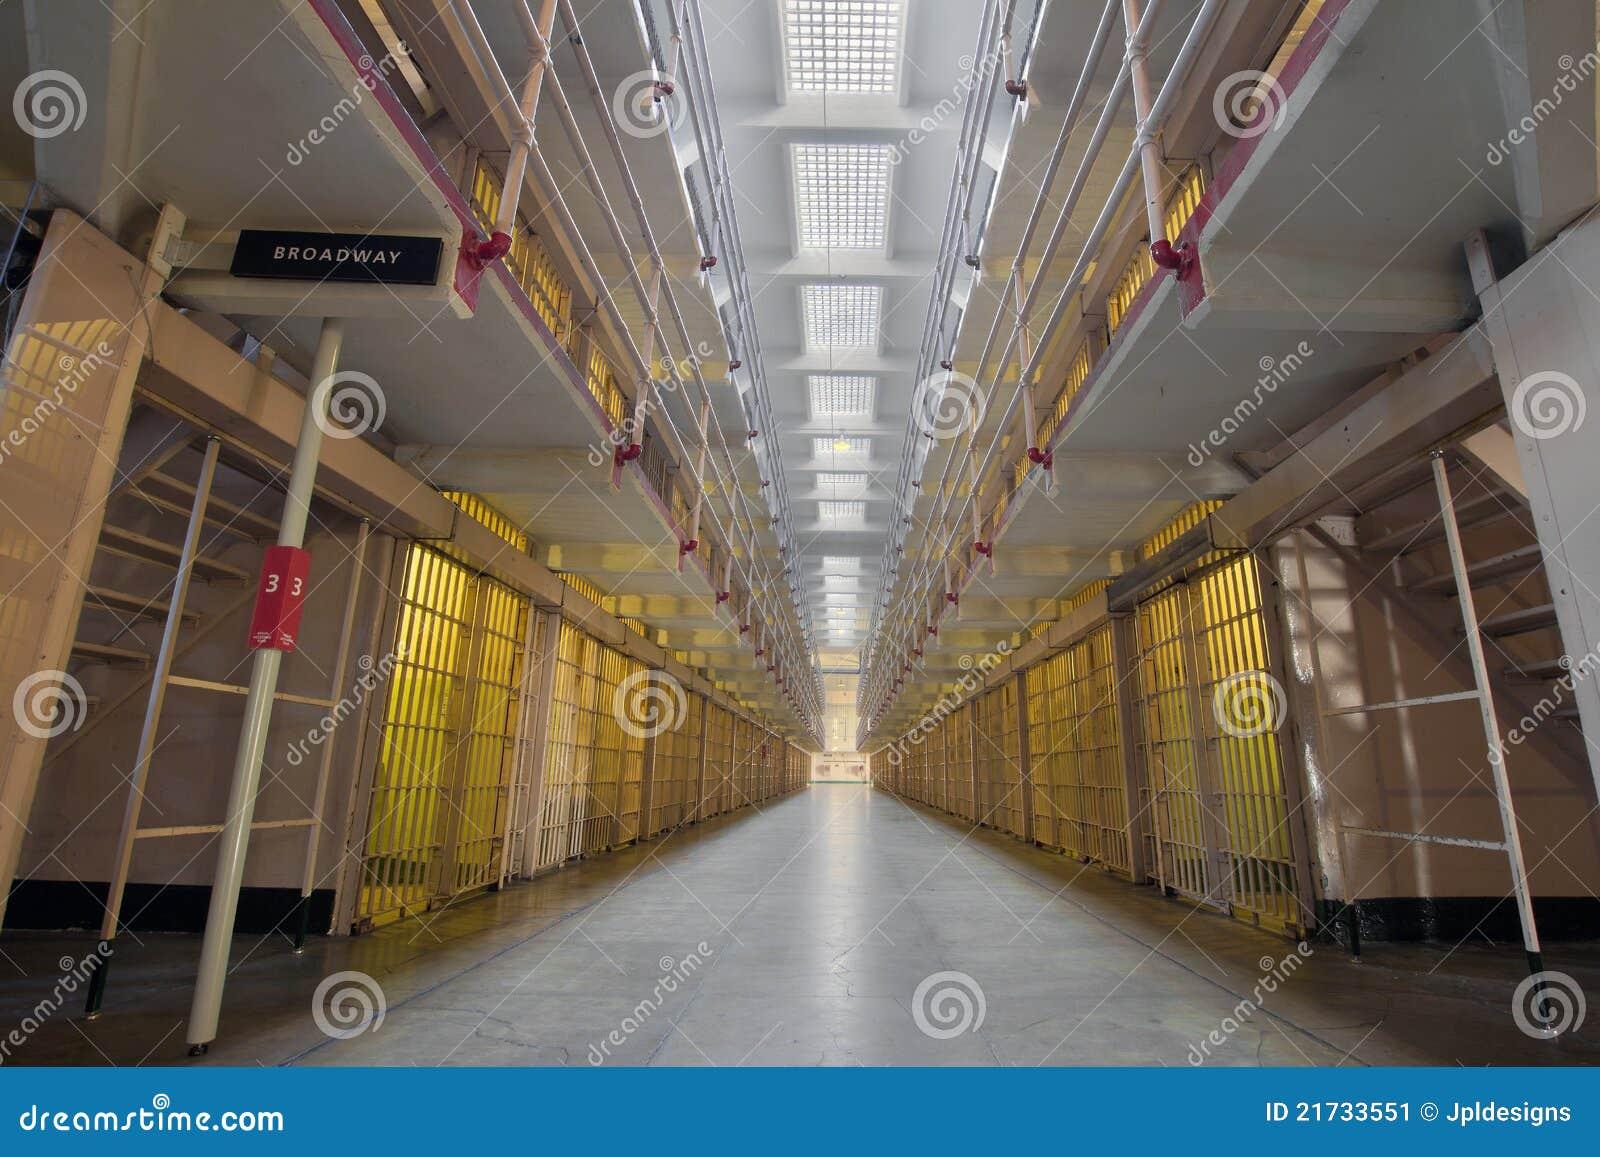 Alcatraz Island Prison Broadway Cell Block